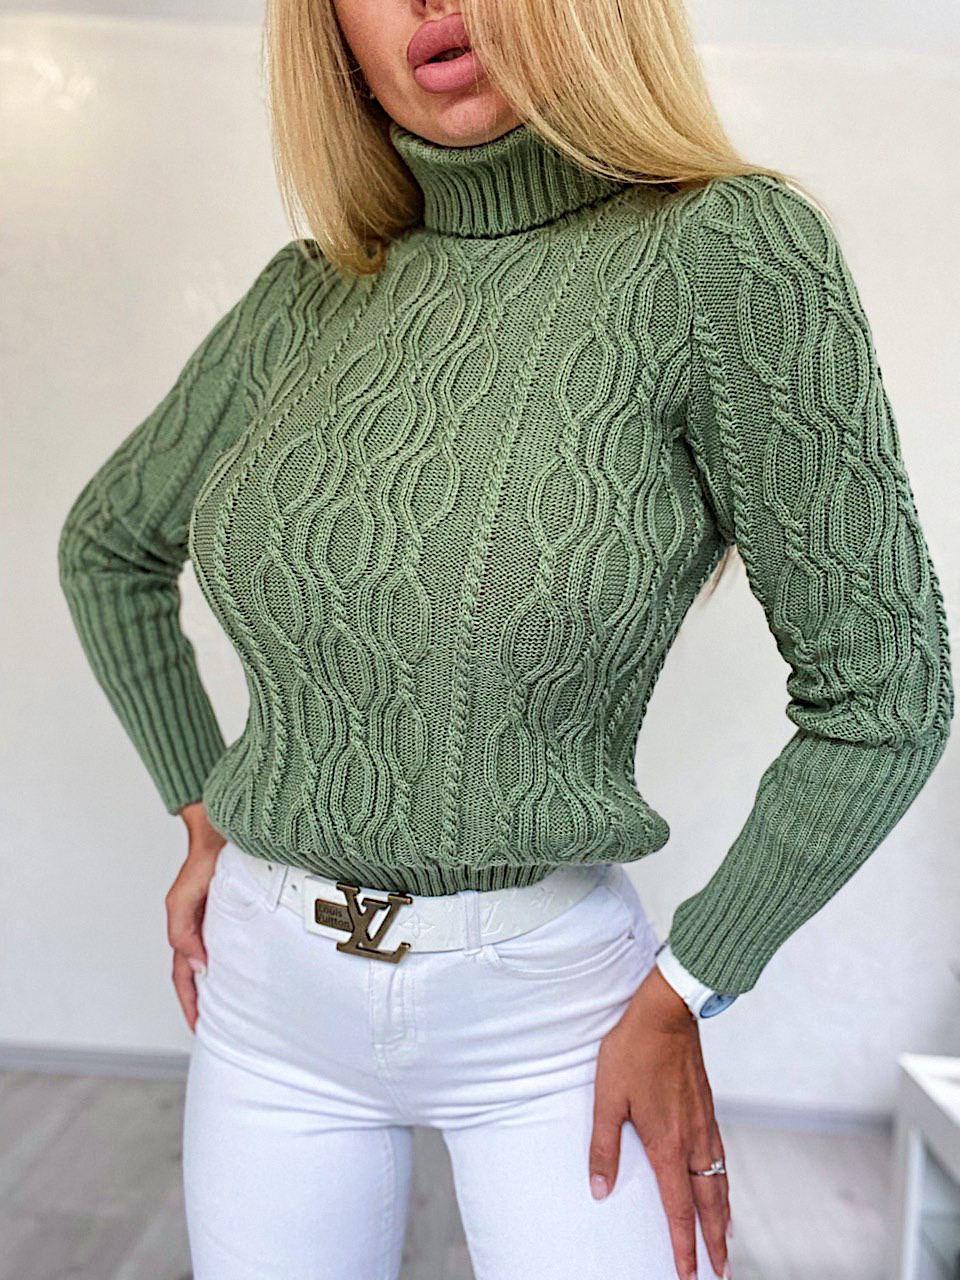 Женский приталенный вязаный свитер полушерстяной с узорами - косами (р. 42-46) 4dm982